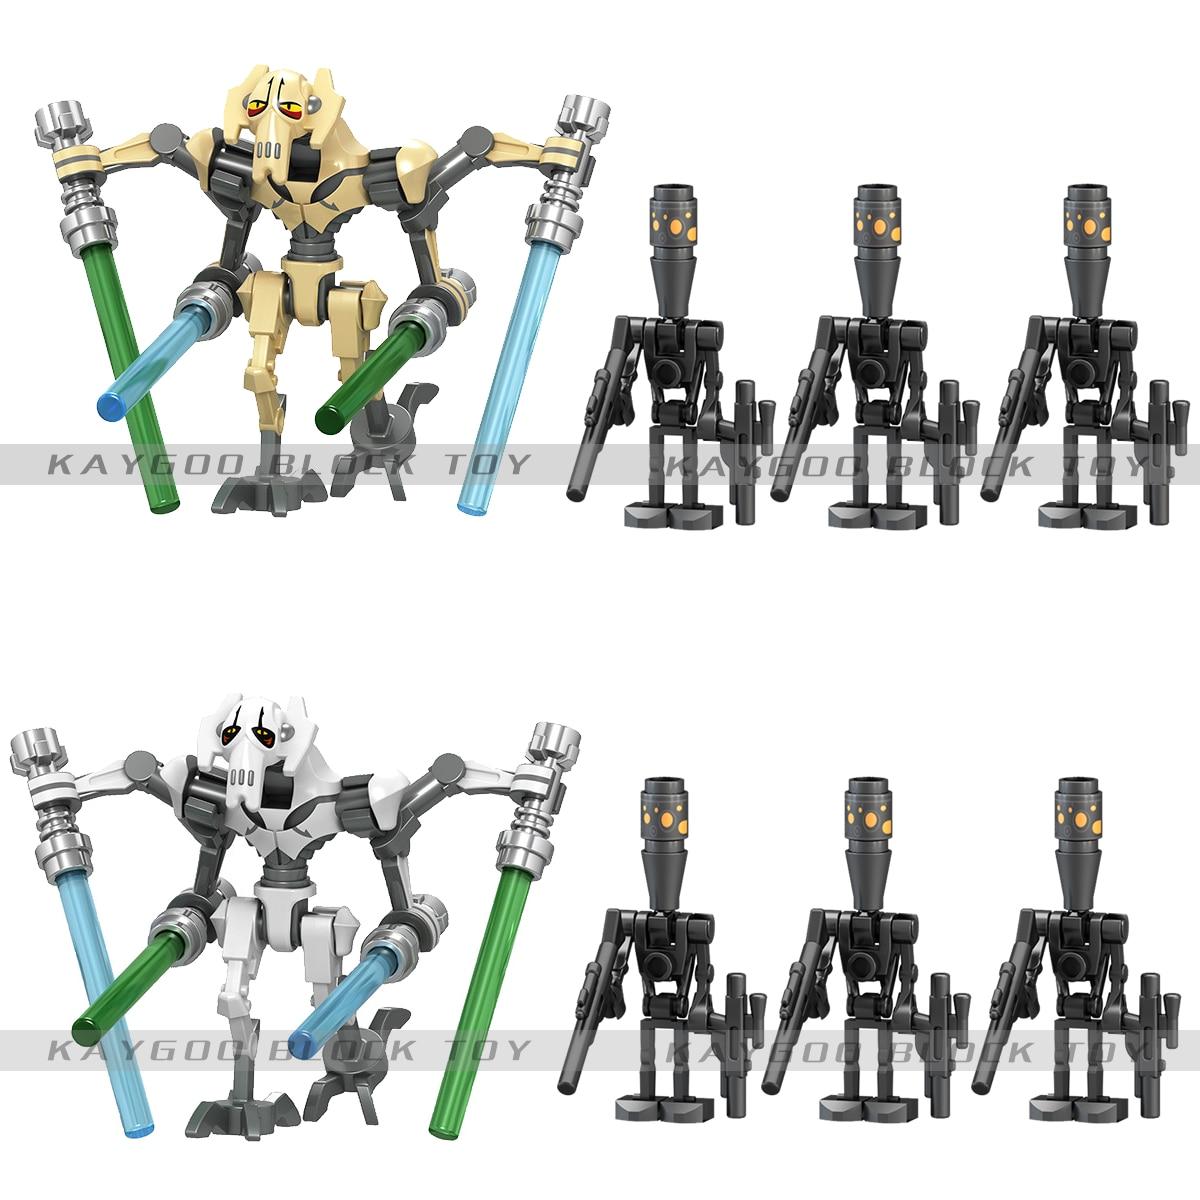 Vente unique Star Space Wars Figures modèles blocs de construction brique modèle ensemble jouets pour enfants cadeau de noël